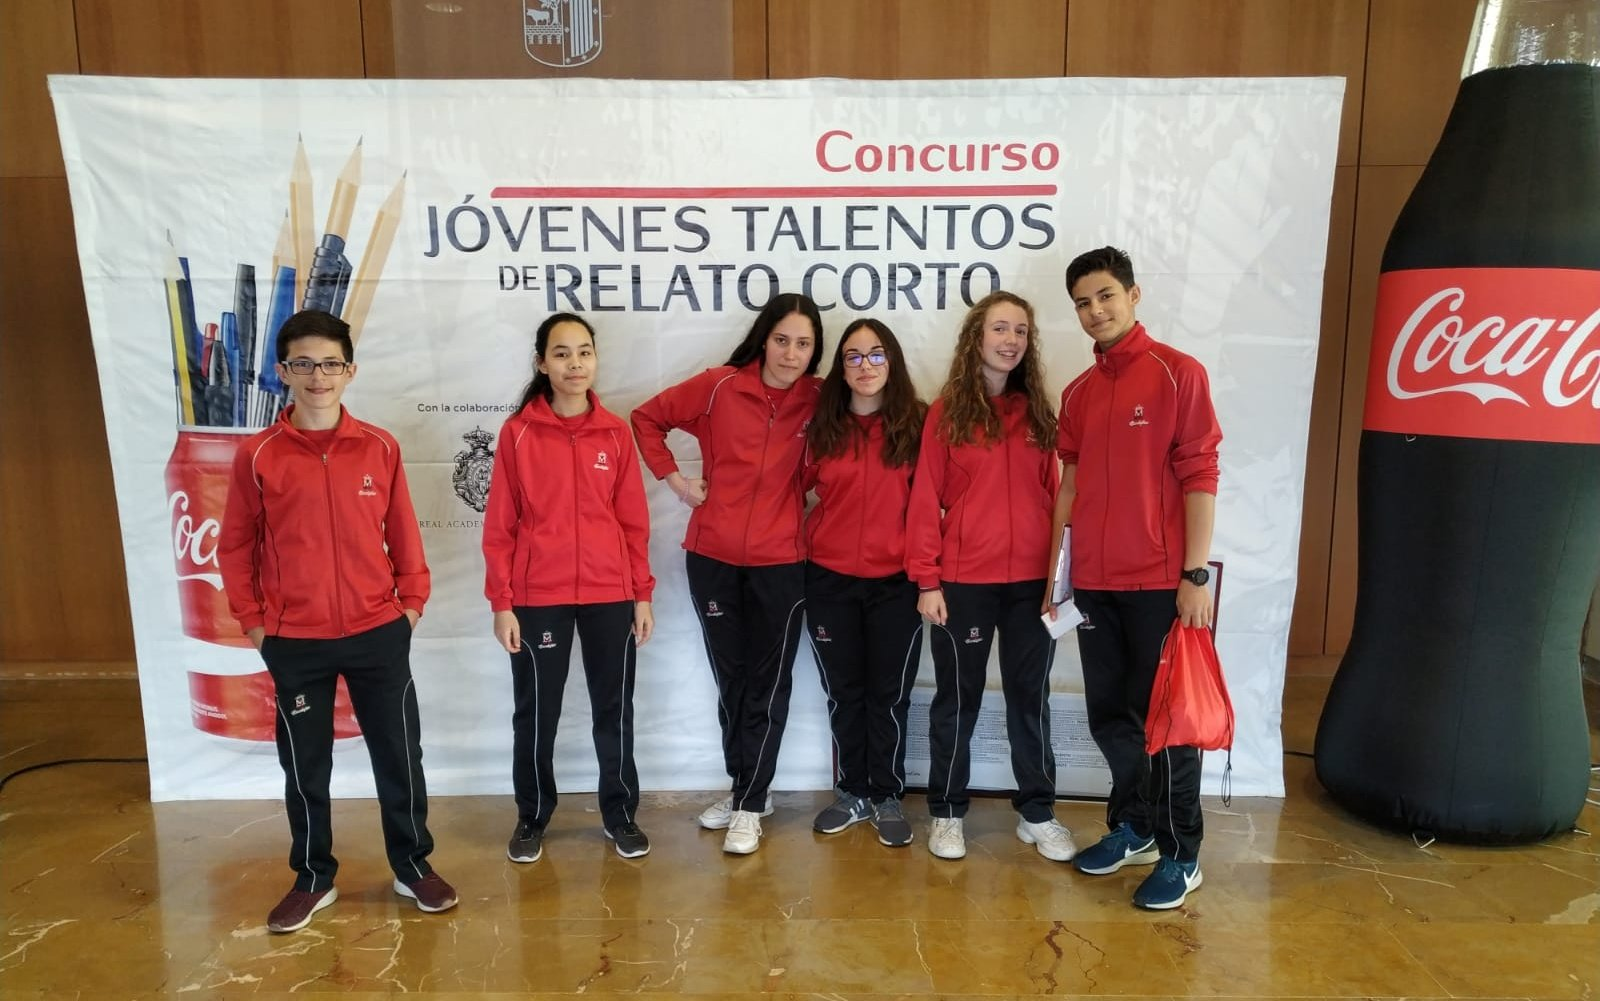 59ª  Jóvenes Talentos de Relato Corto.